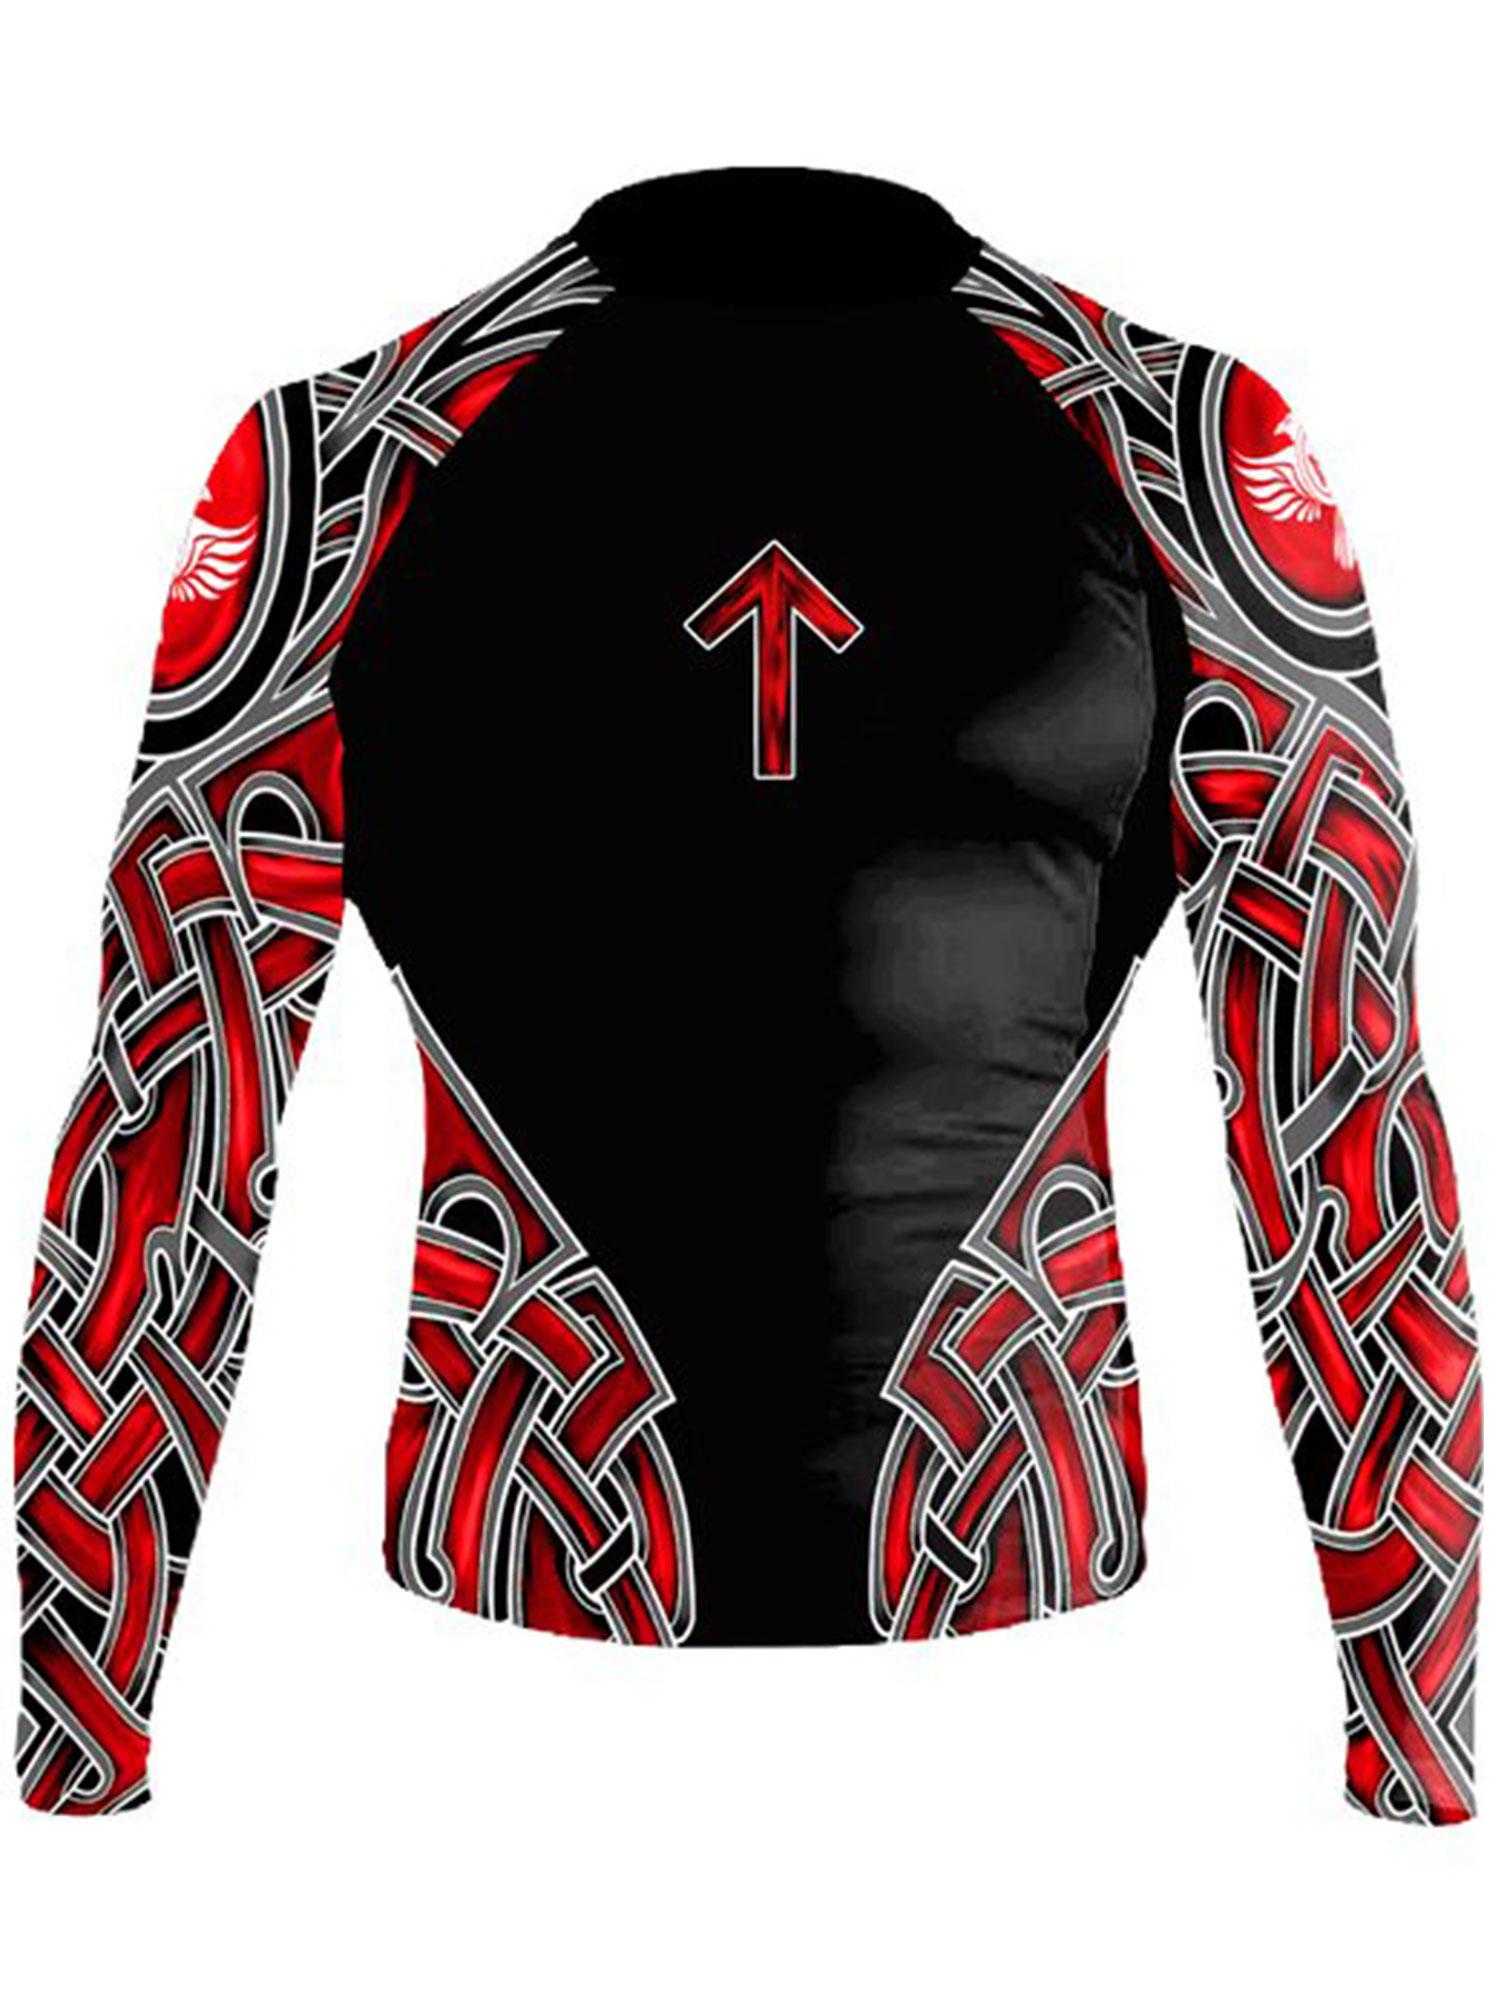 Raven Fightwear Men/'s Ulfhedinn MMA BJJ Rash Guard Black